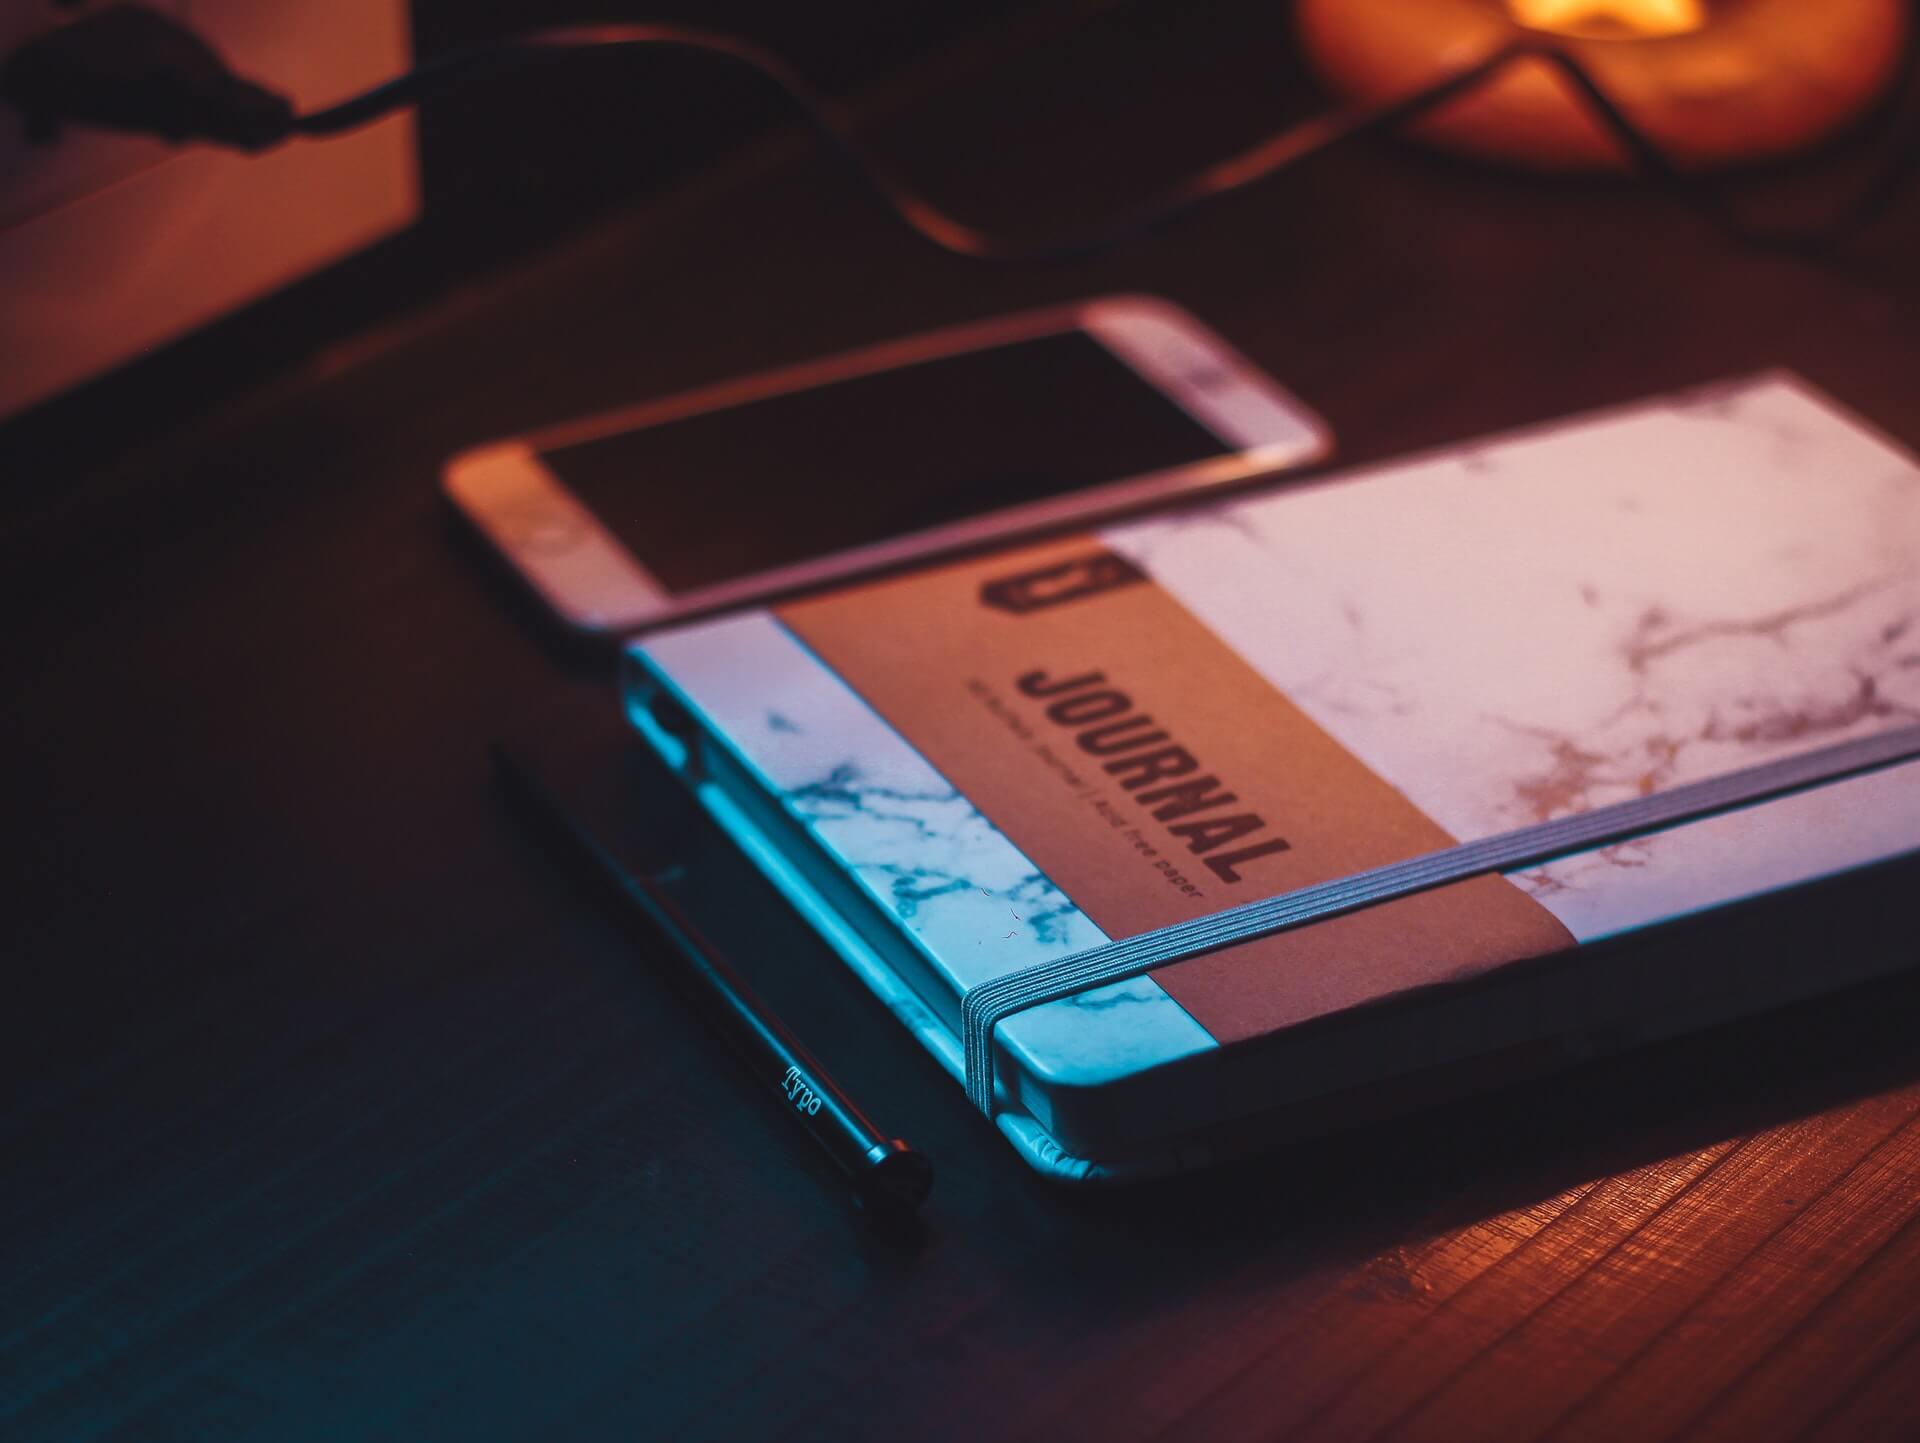 Como usar o Bullet Journal: um método passo a passo para registrar o passado, organizar o presente e planejar o futuro